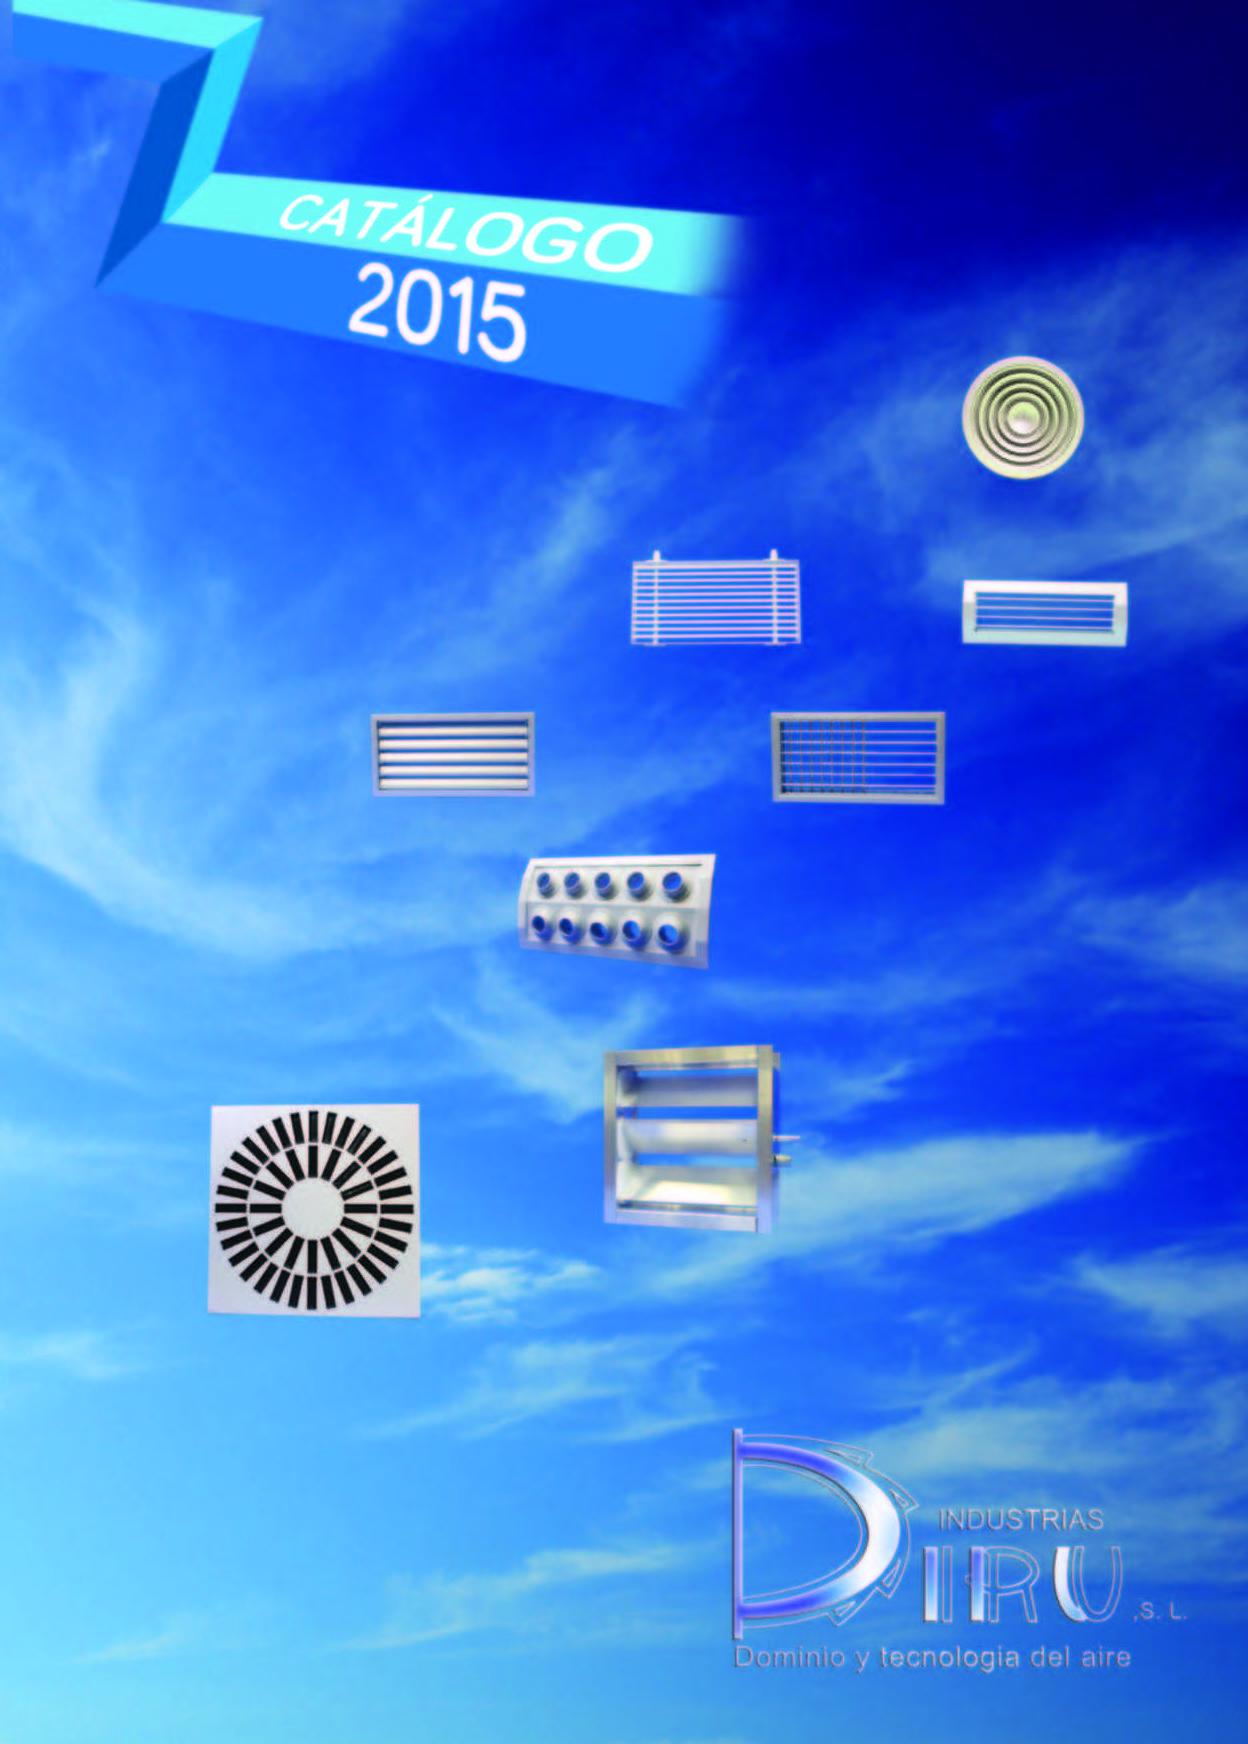 Catálogo Diru 2015